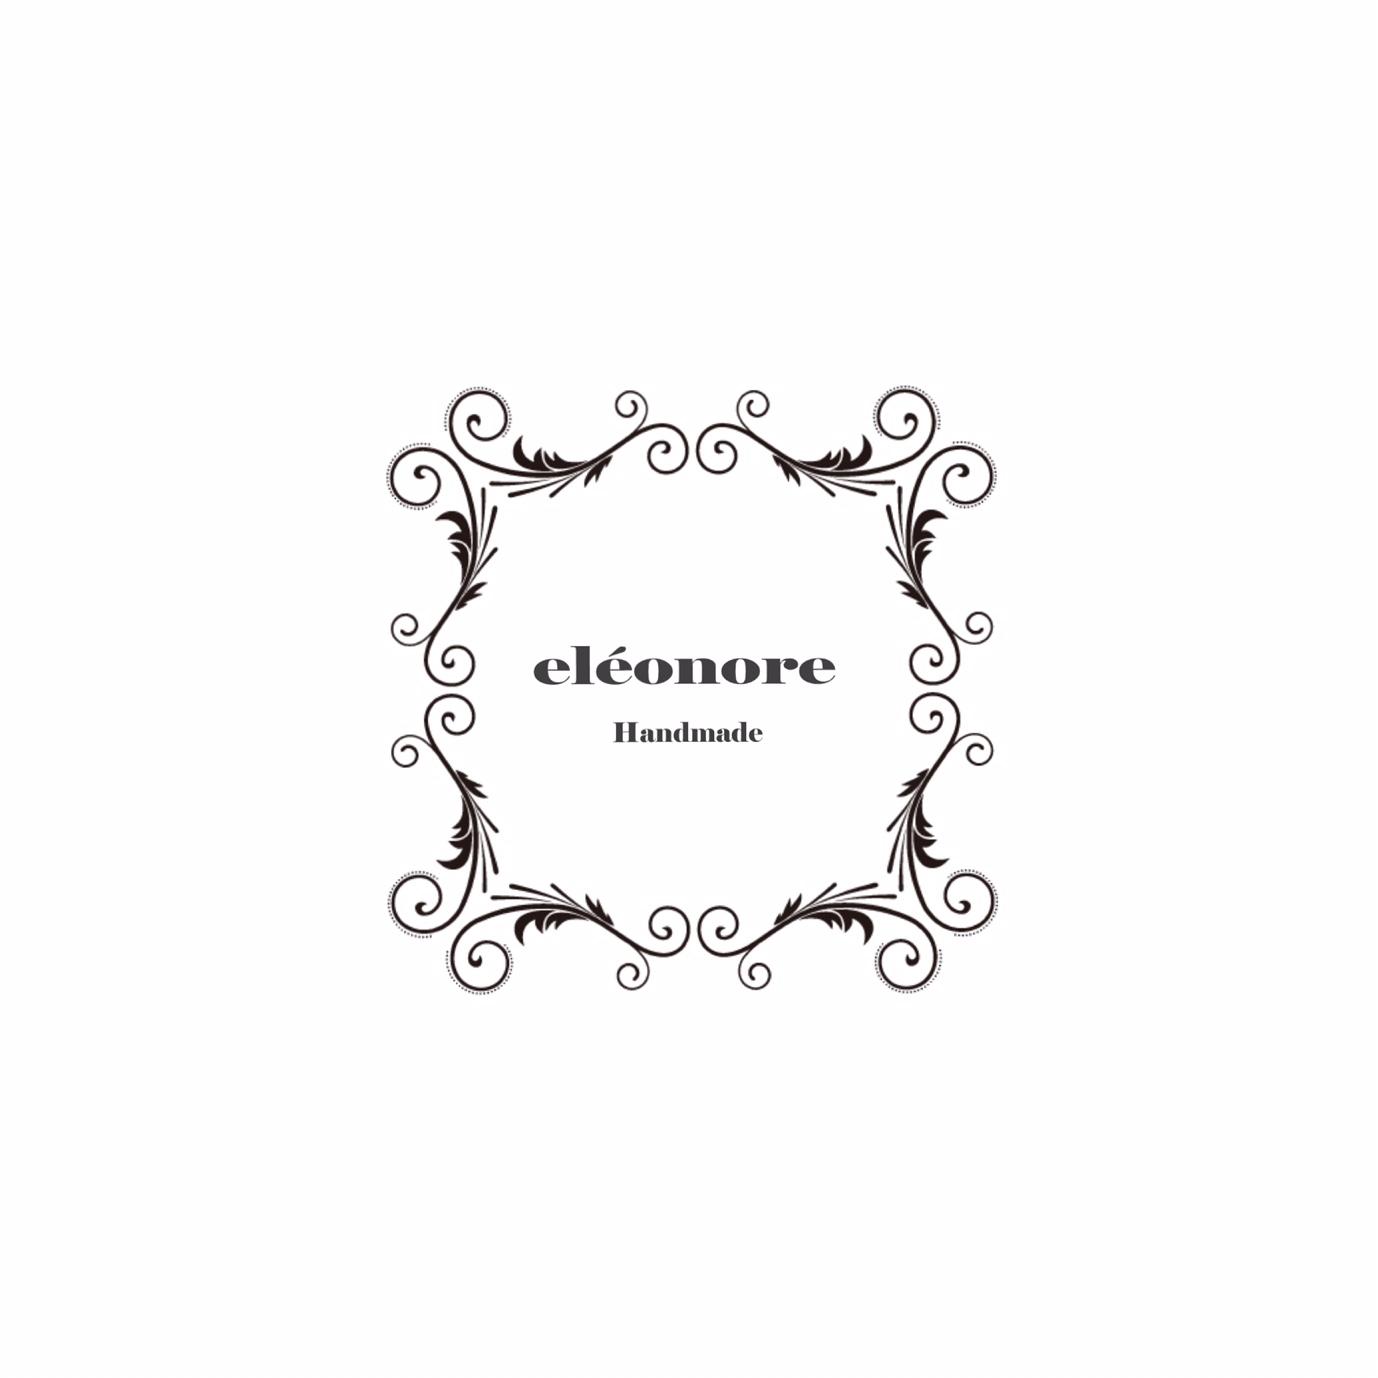 eleonore